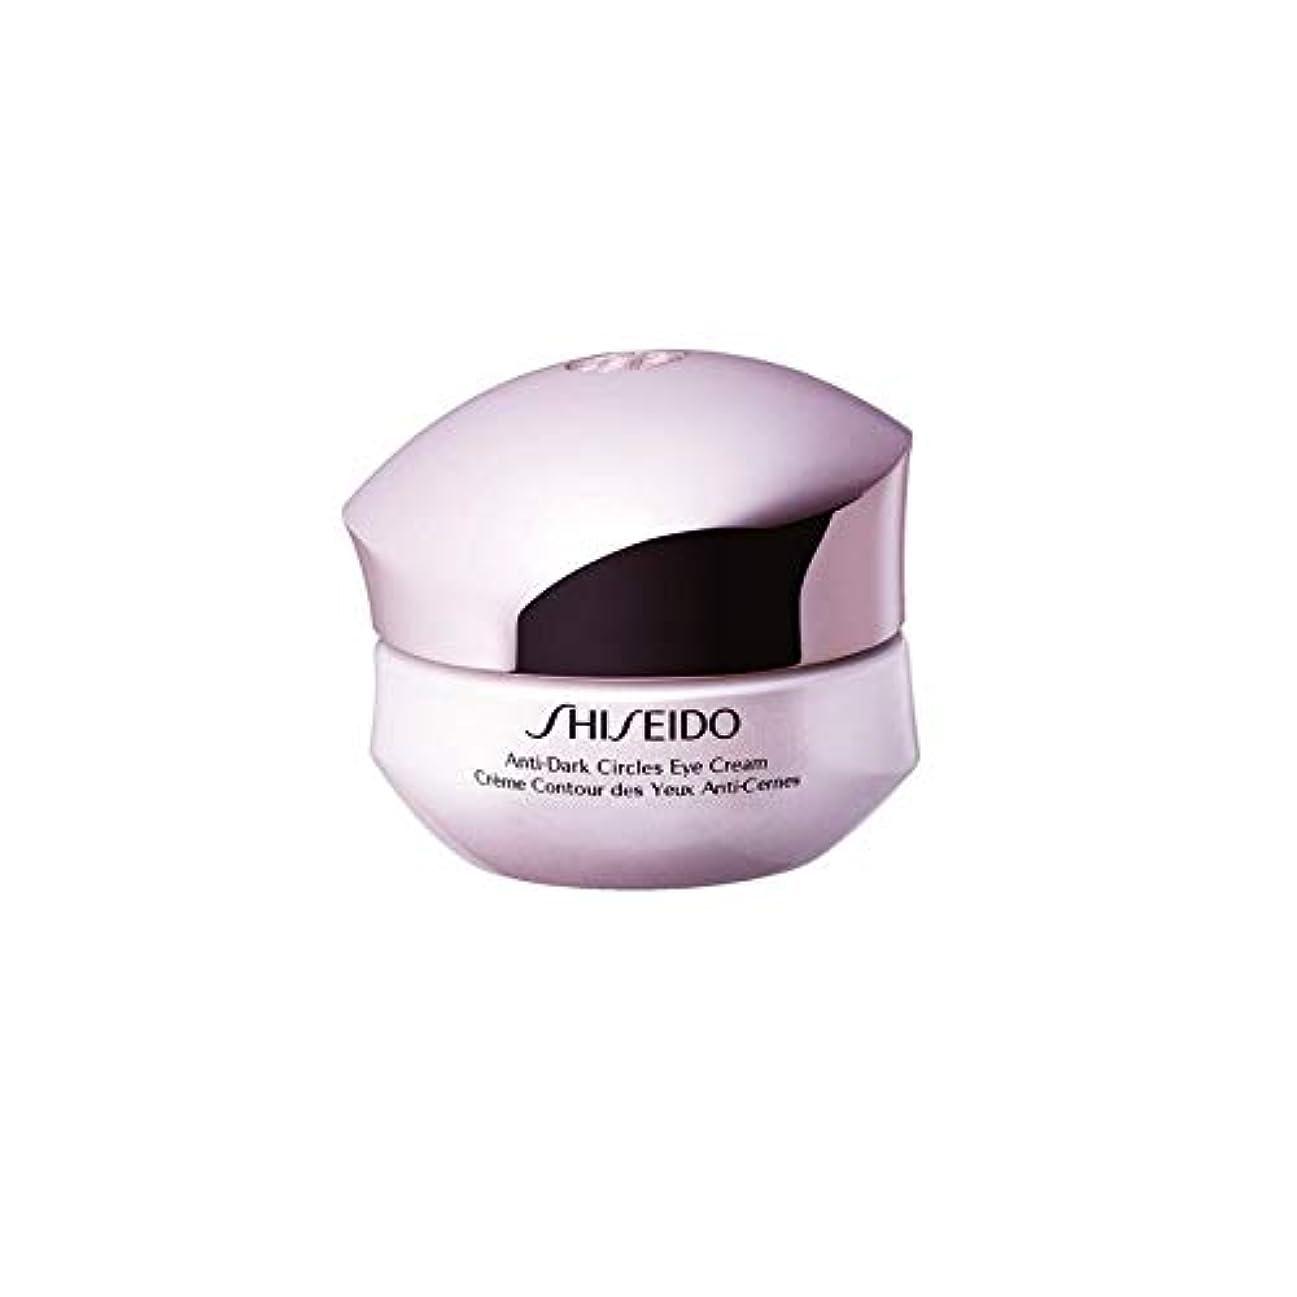 化学薬品実用的トリッキー[Shiseido] 資生堂Antidark円アイクリーム(15ミリリットル) - Shiseido Antidark Circles Eye Cream (15ml) [並行輸入品]